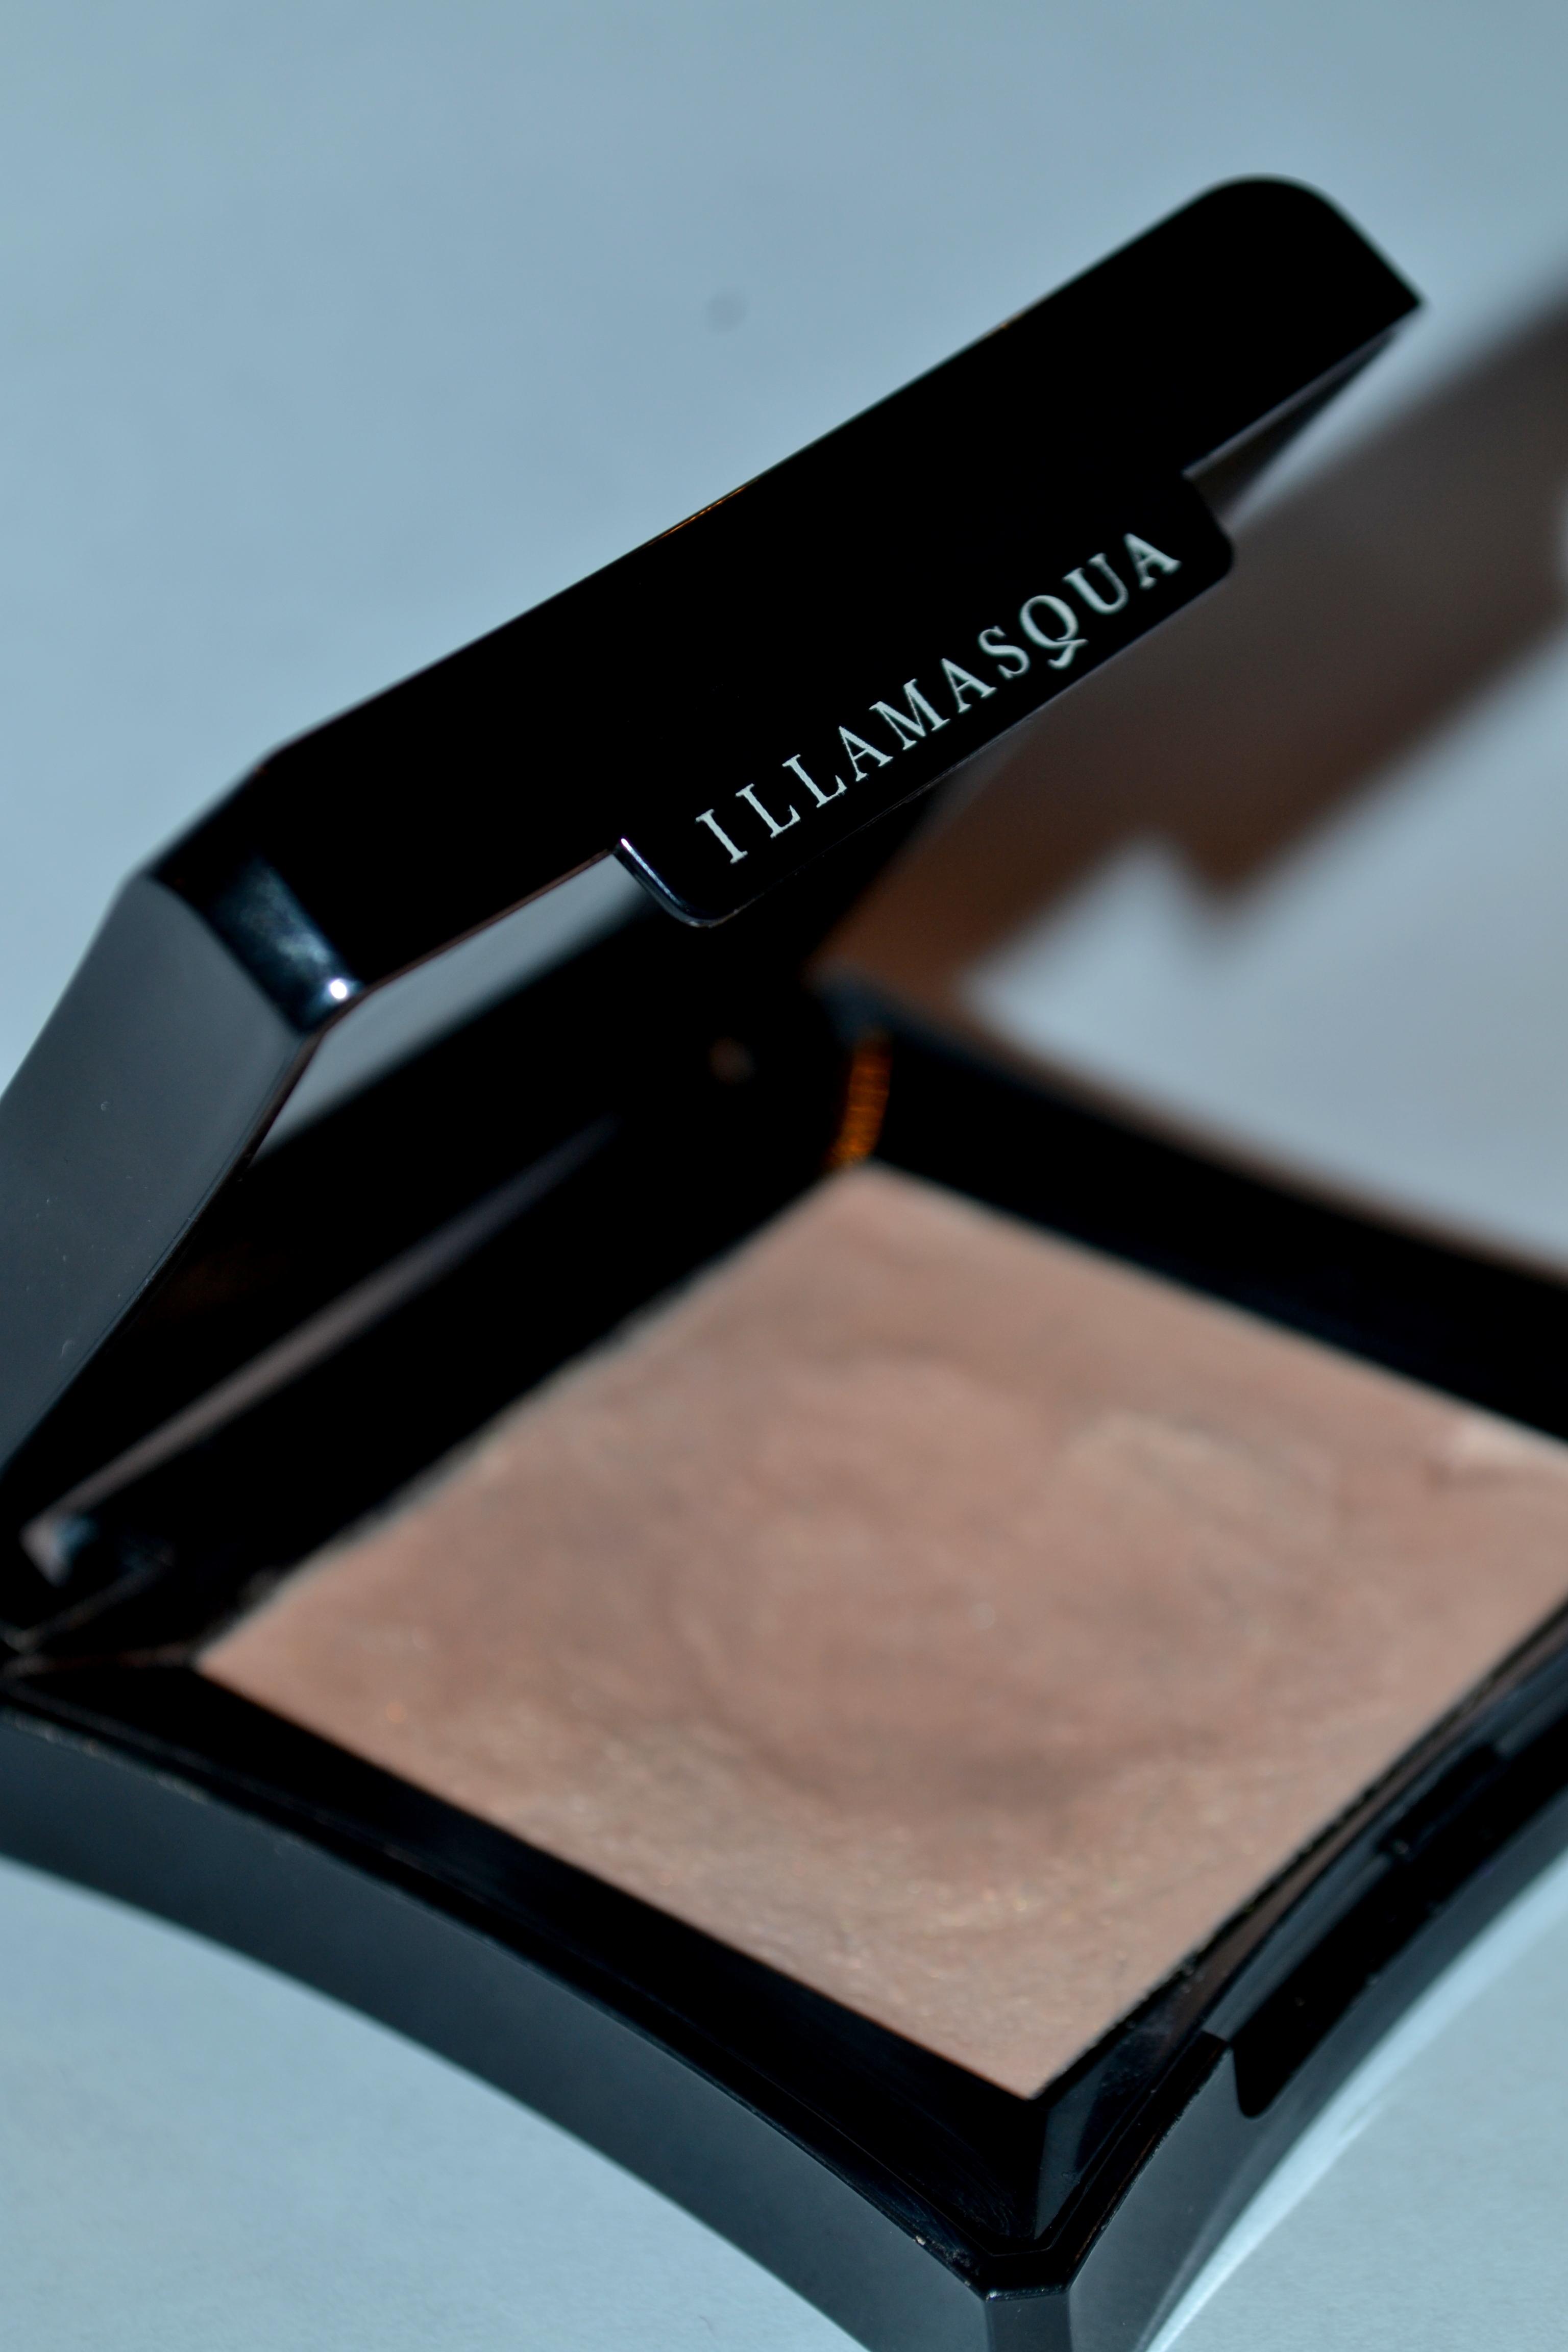 Gleam Reviews Photos: Illamasqua Gleam Review